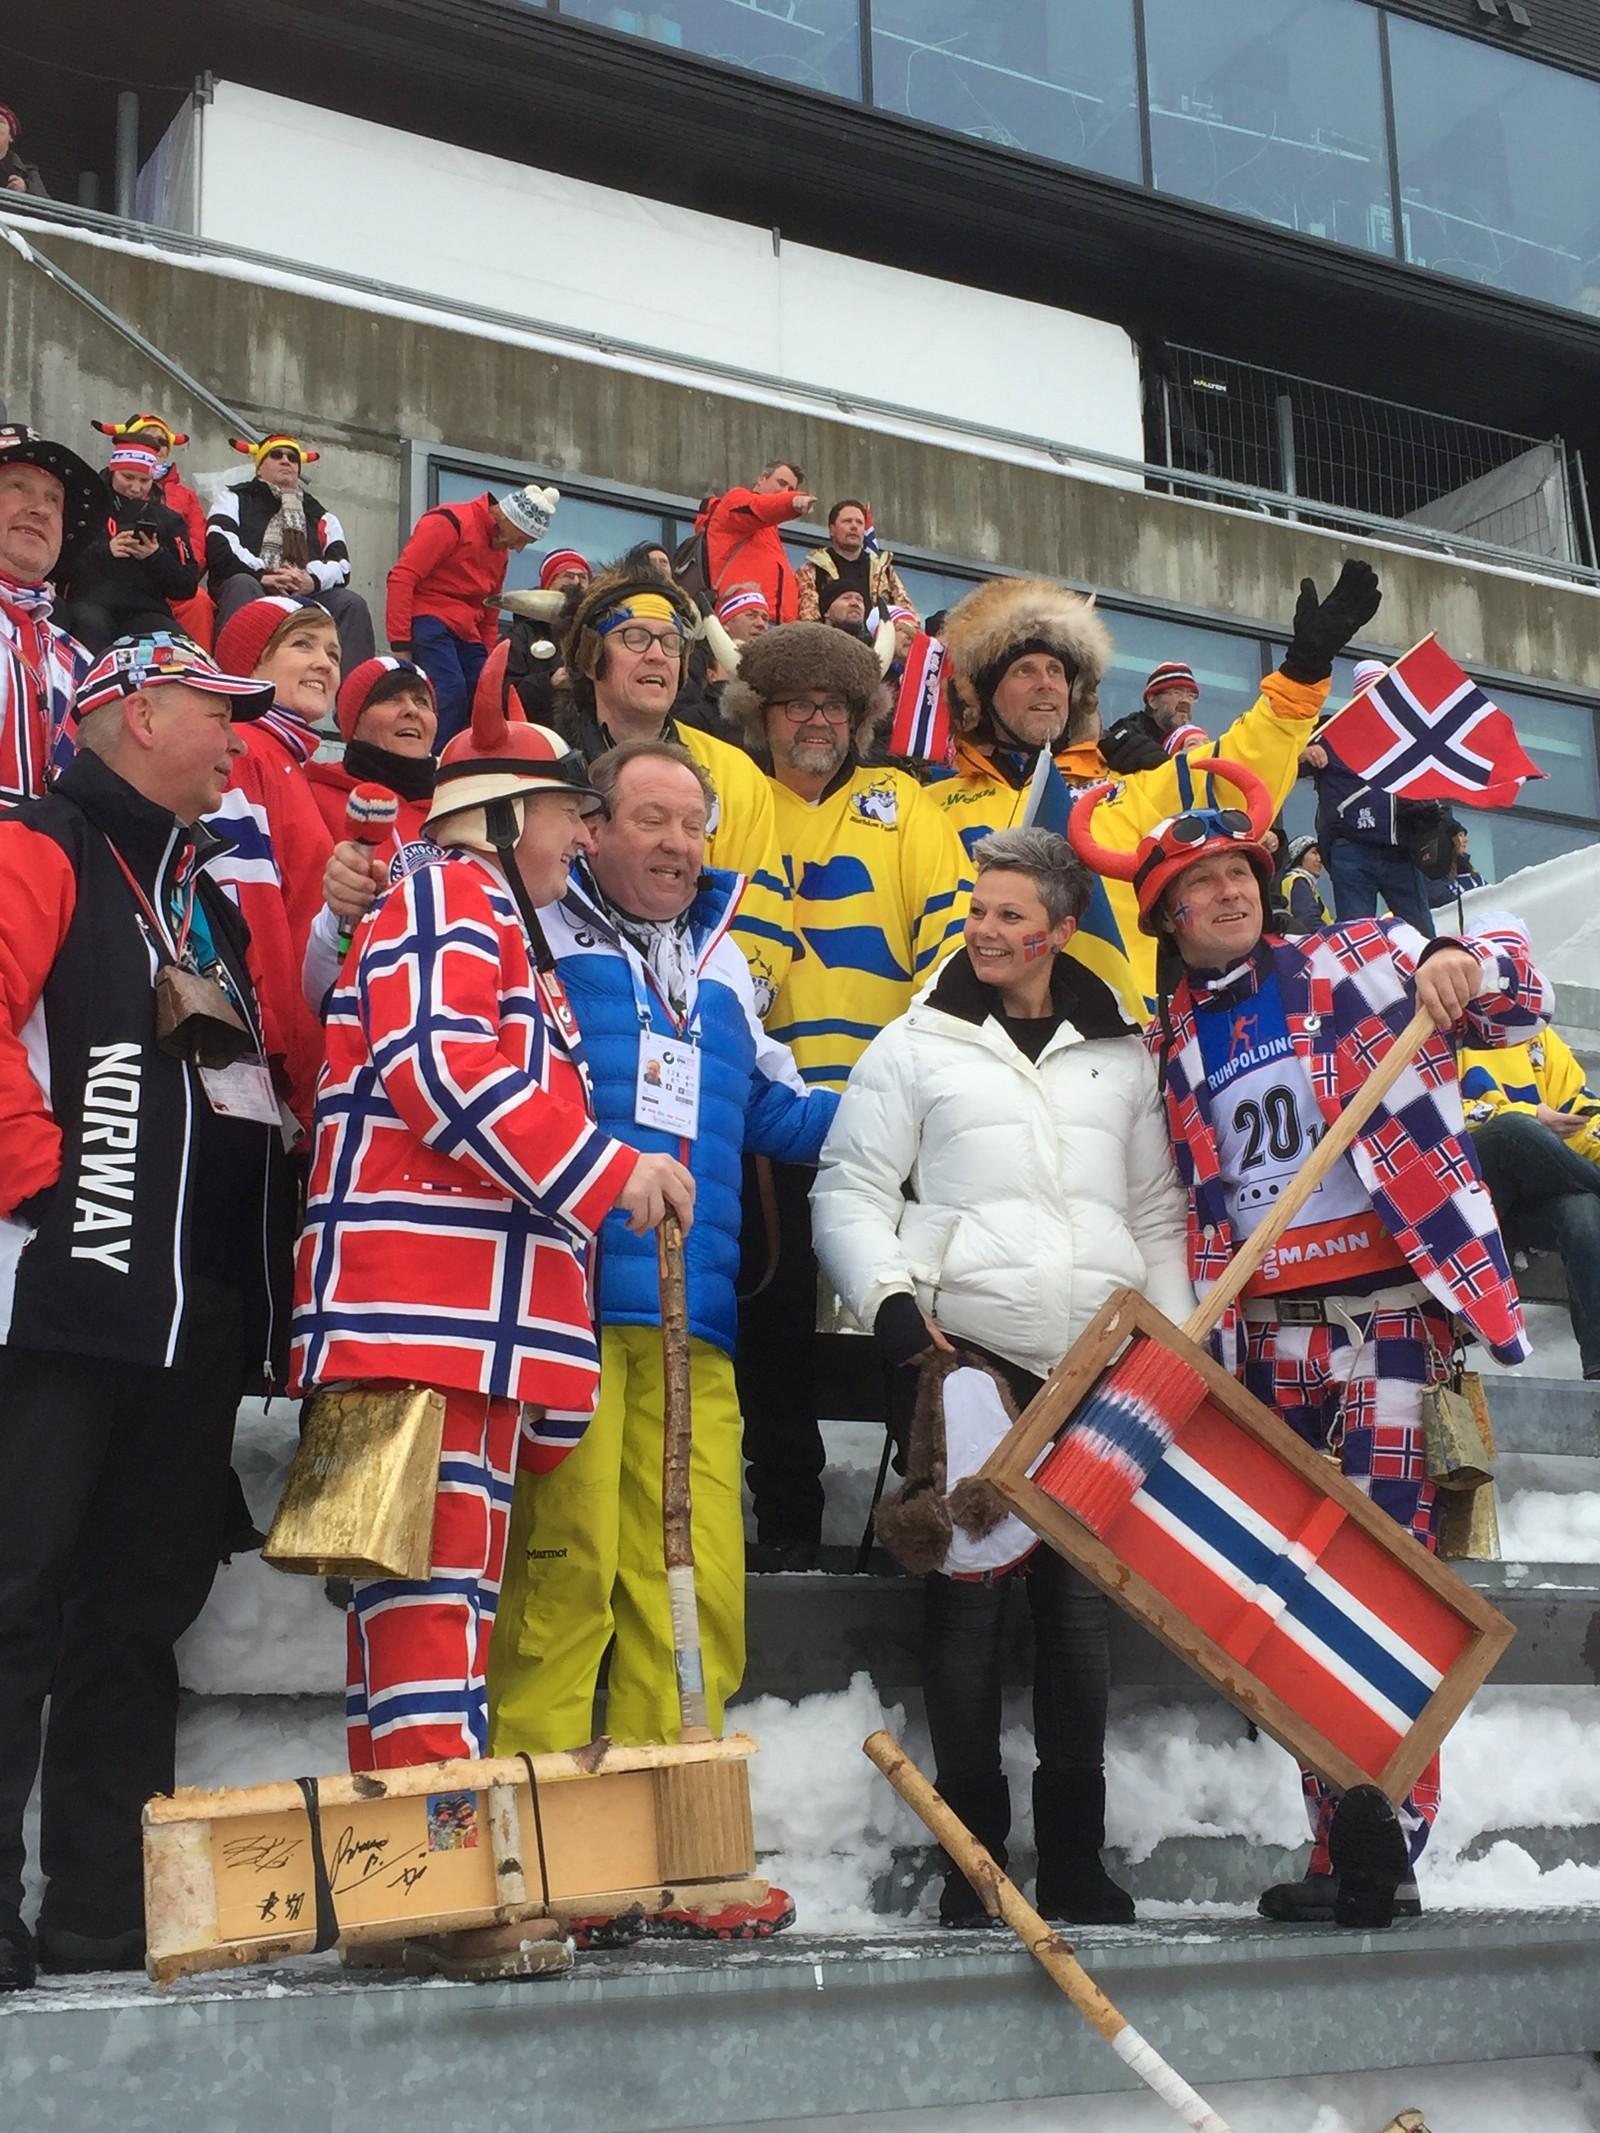 Scandinavian supporters